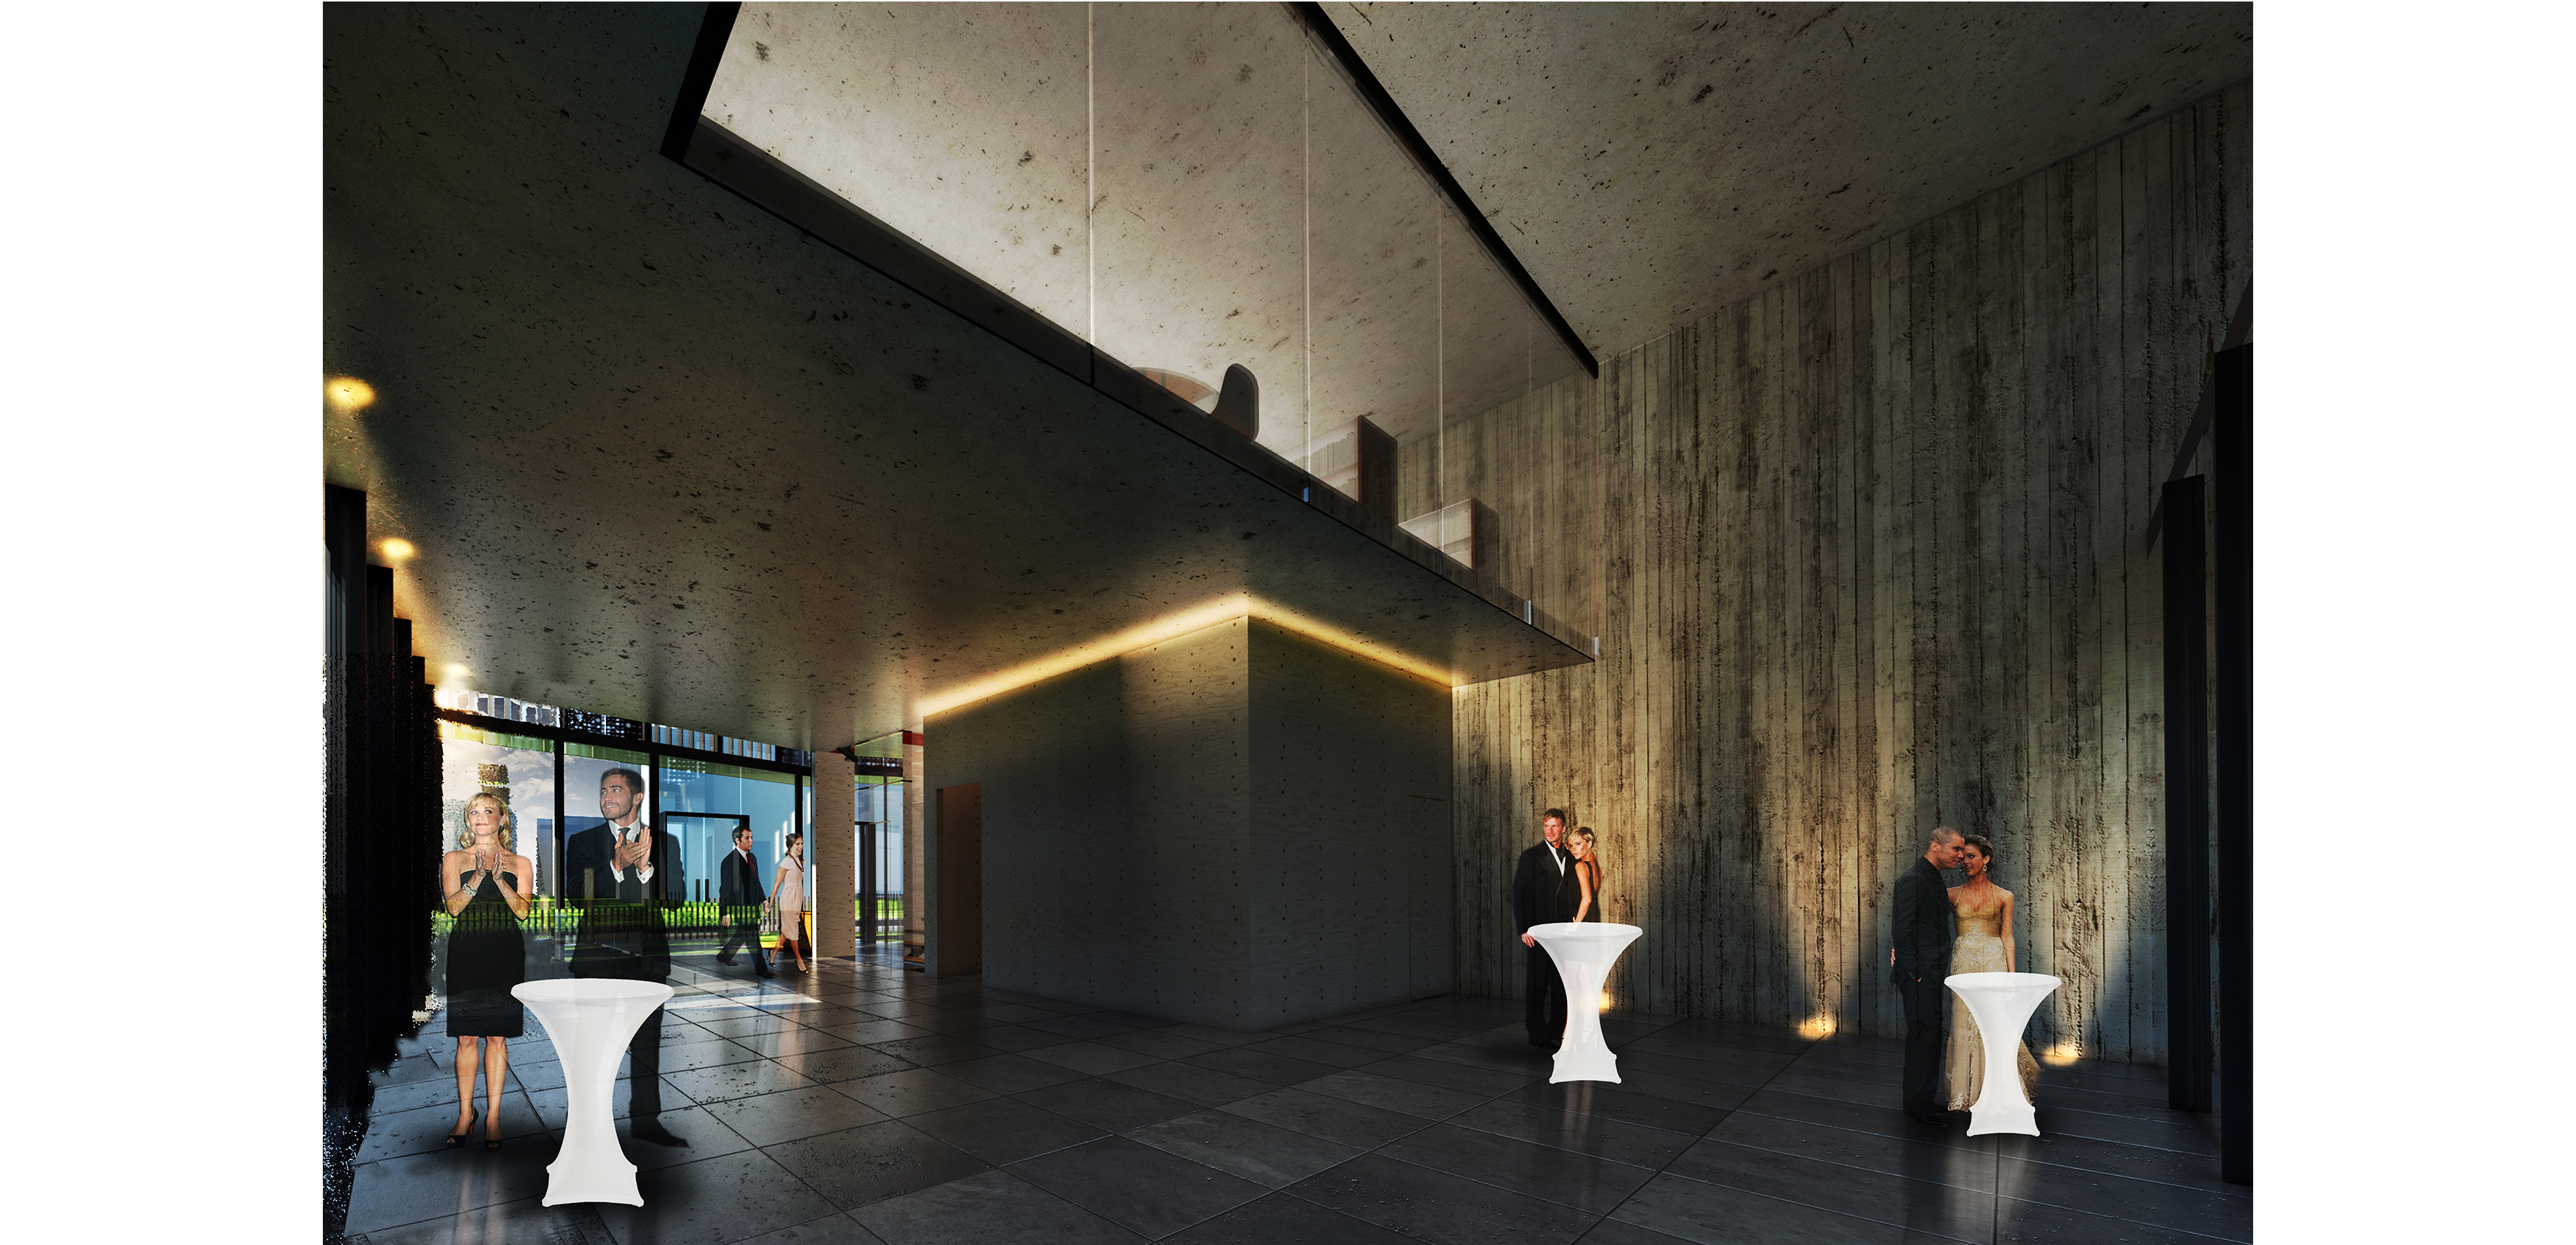 dodofis mimarlık ofisi  denizli mimarlar odası binası iç mekan render Chamber Of Architects